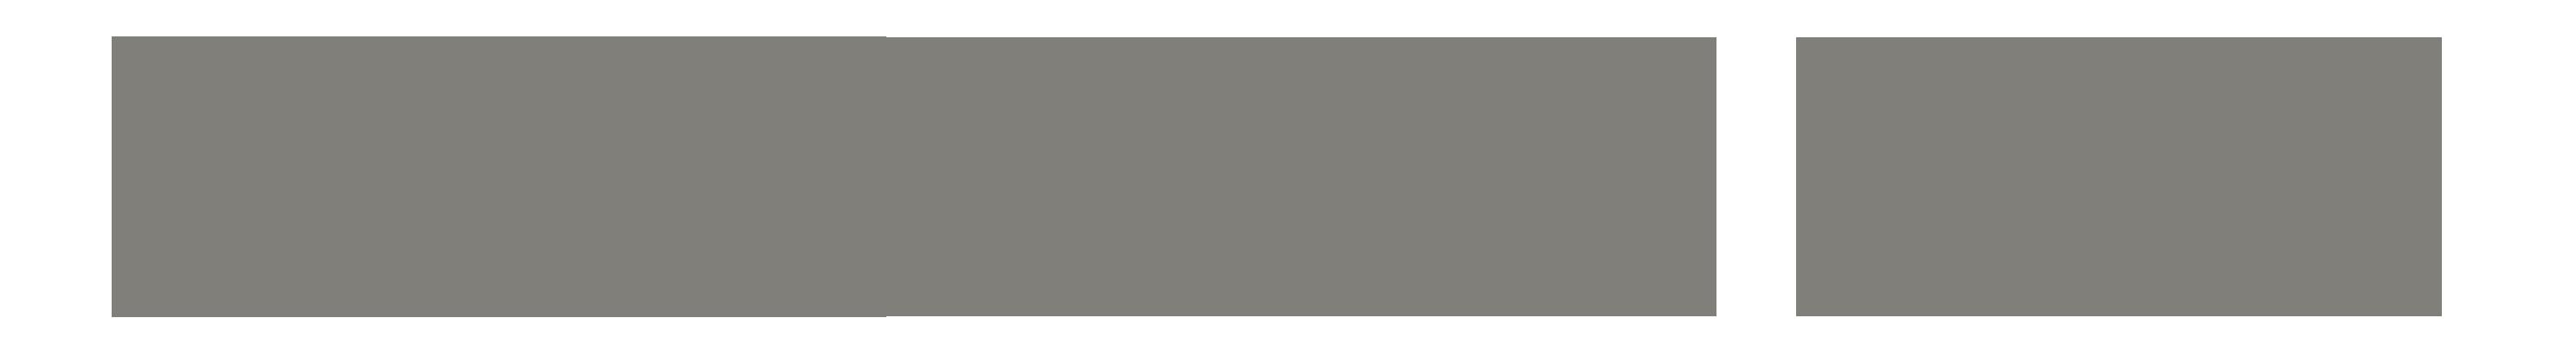 Olesinski Yacht design logo